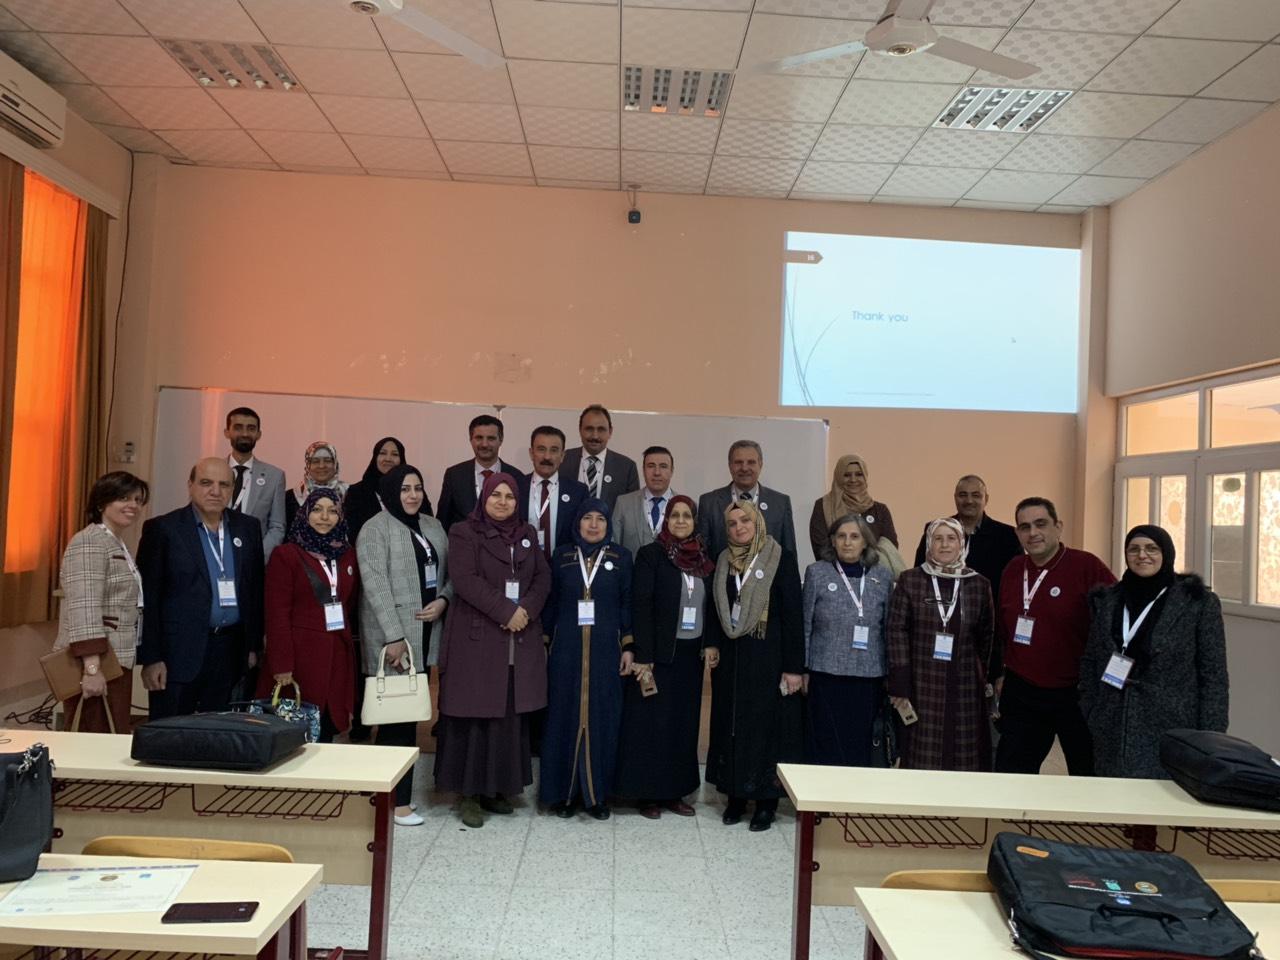 وفد من تدريسي كلية العلوم/جامعة القادسية يشارك في المؤتمر الدولي لجامعة صلاح الدين-اربيل